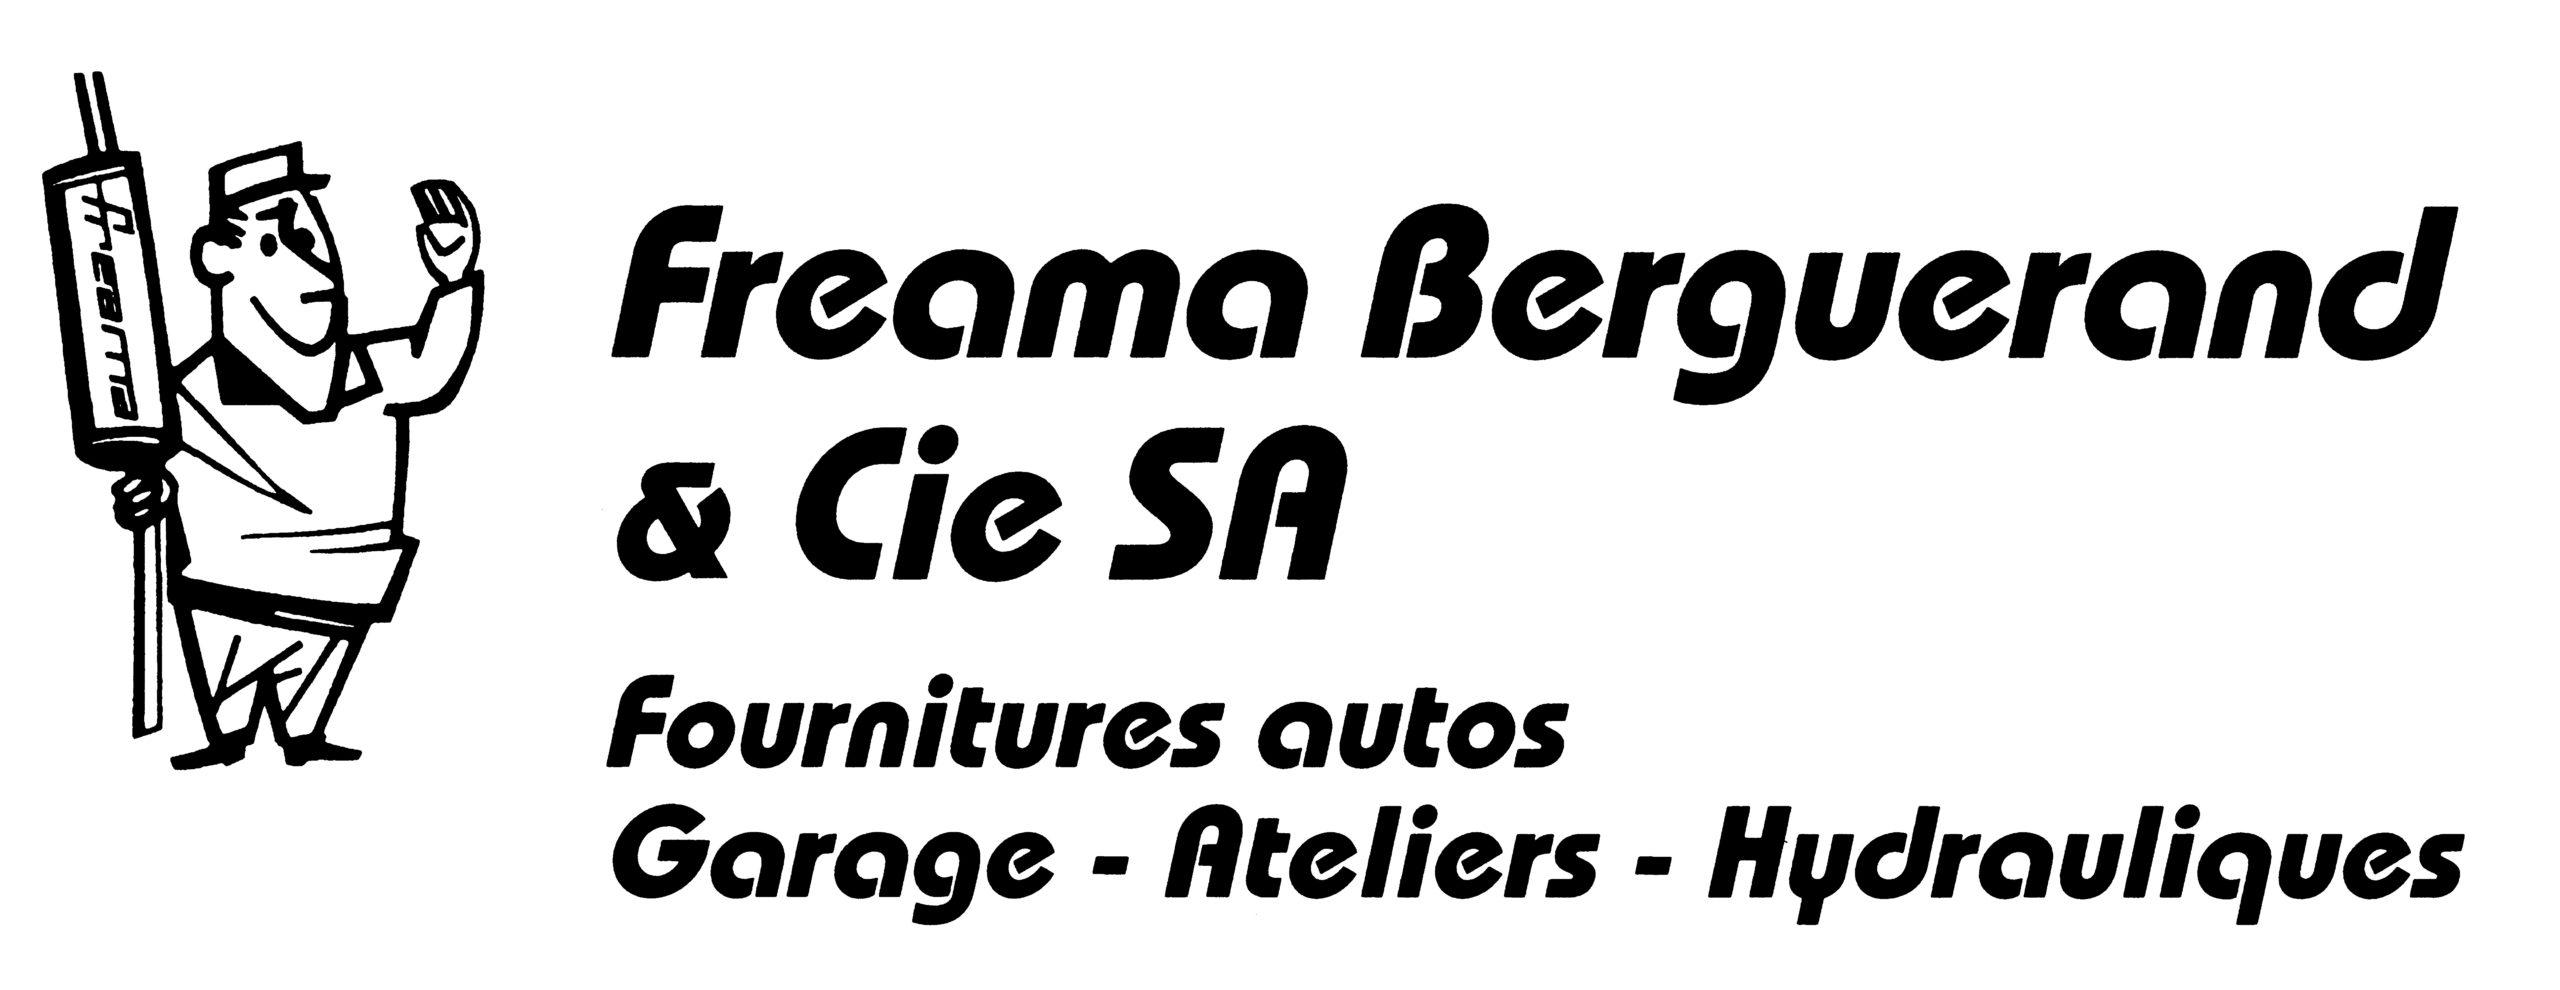 Freama-Berguerand & Cie SA